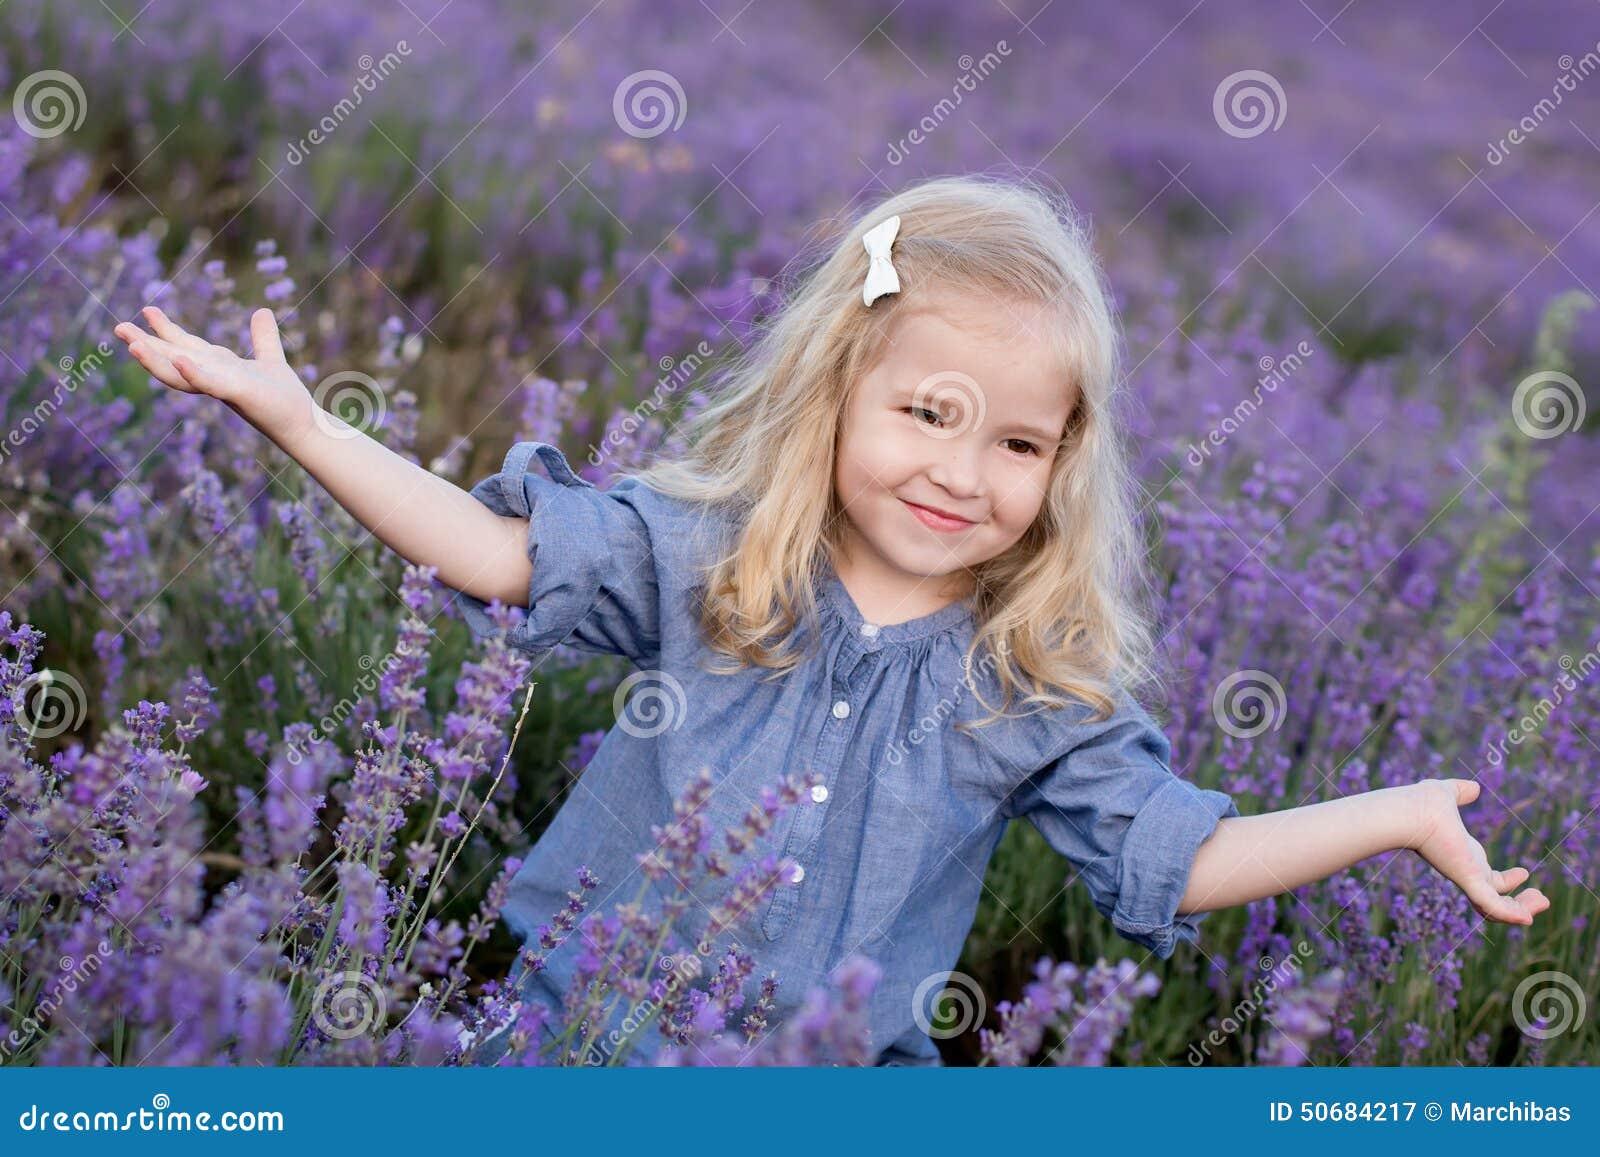 Download 淡紫色的愉快的小女孩 库存图片. 图片 包括有 牛仔布, 植物群, 花卉, 收获, 愉快, 绽放, 草本 - 50684217